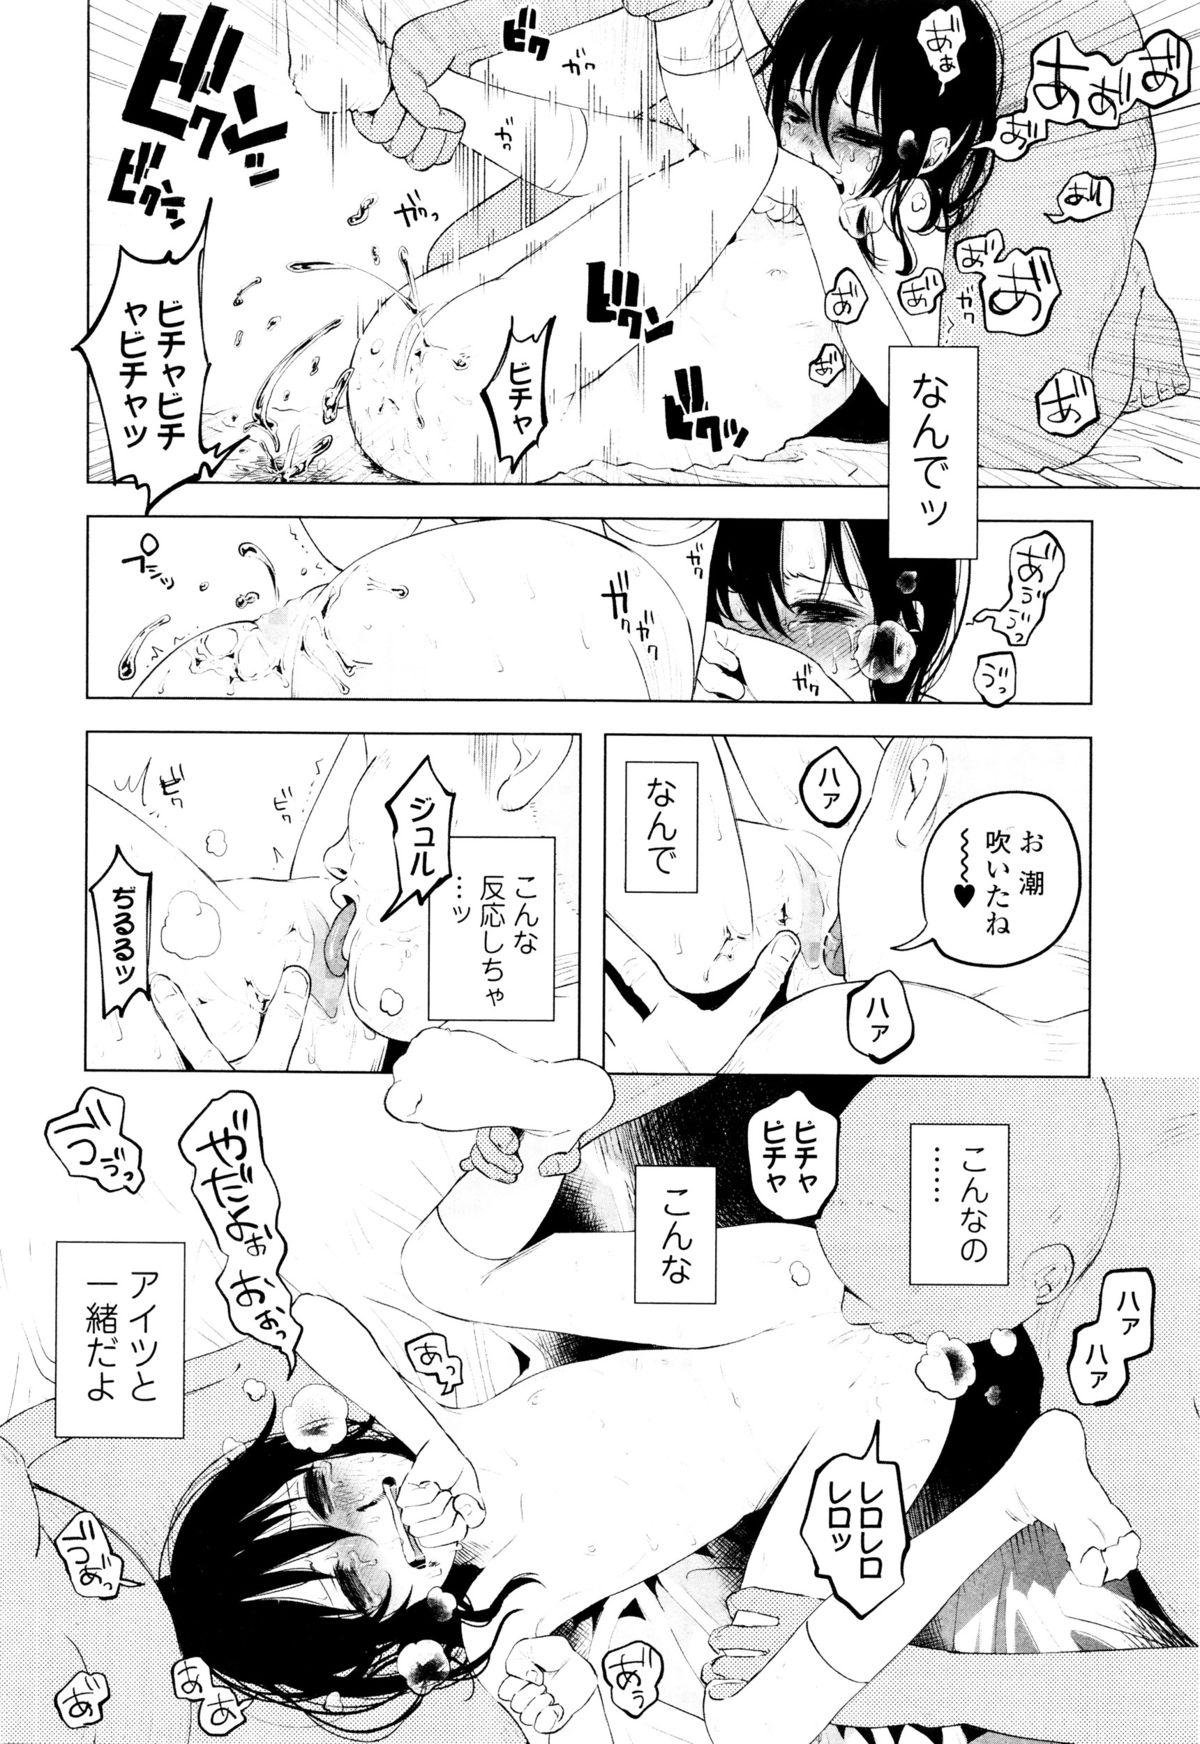 COMIC Mate Legend Vol. 7 2016-02 46